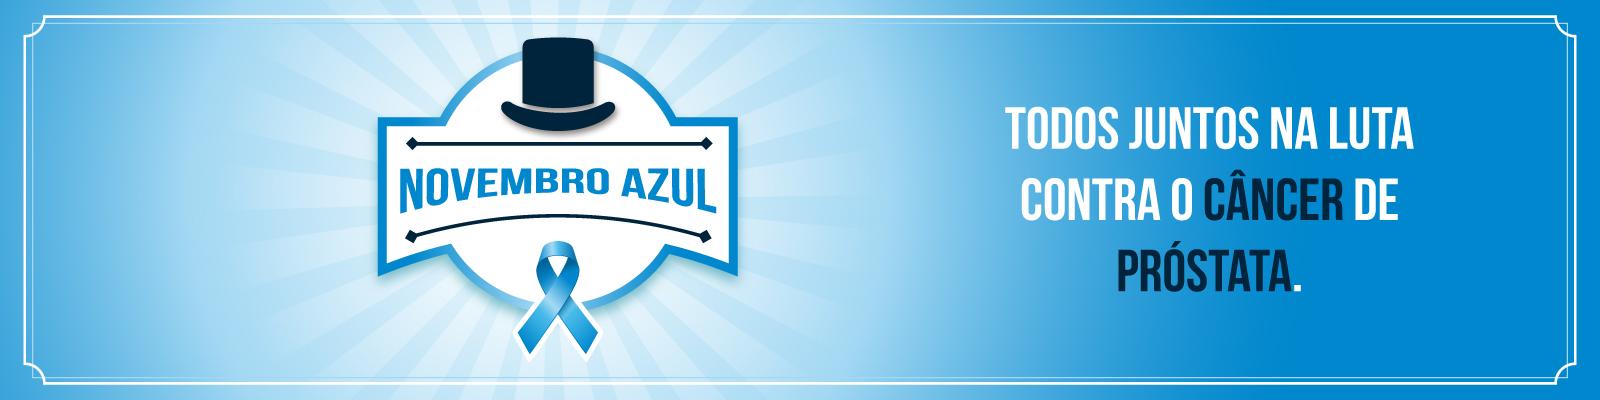 BANNER - NOVEMBRO AZUL (2020)